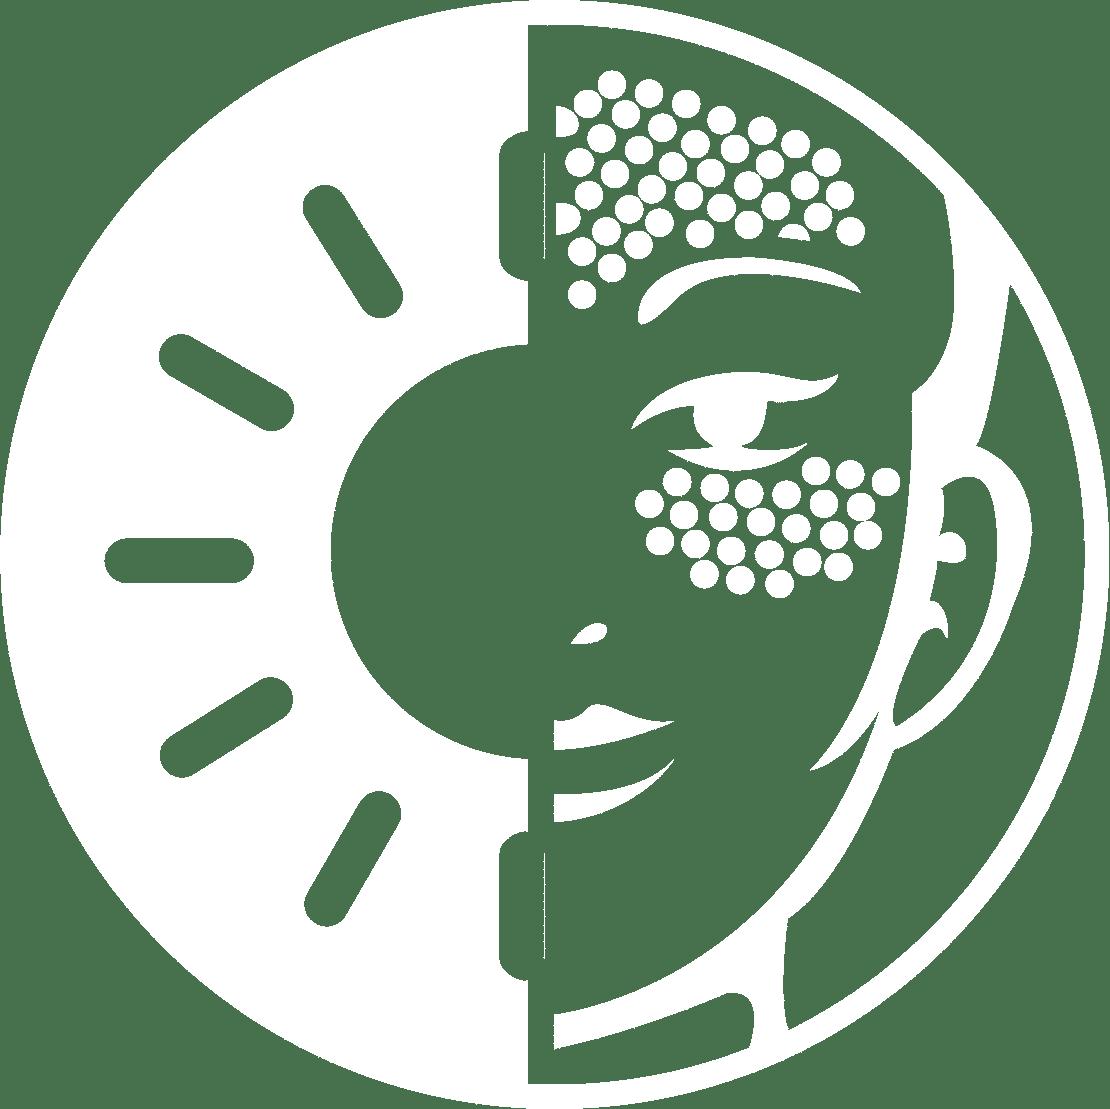 gezicht-zon